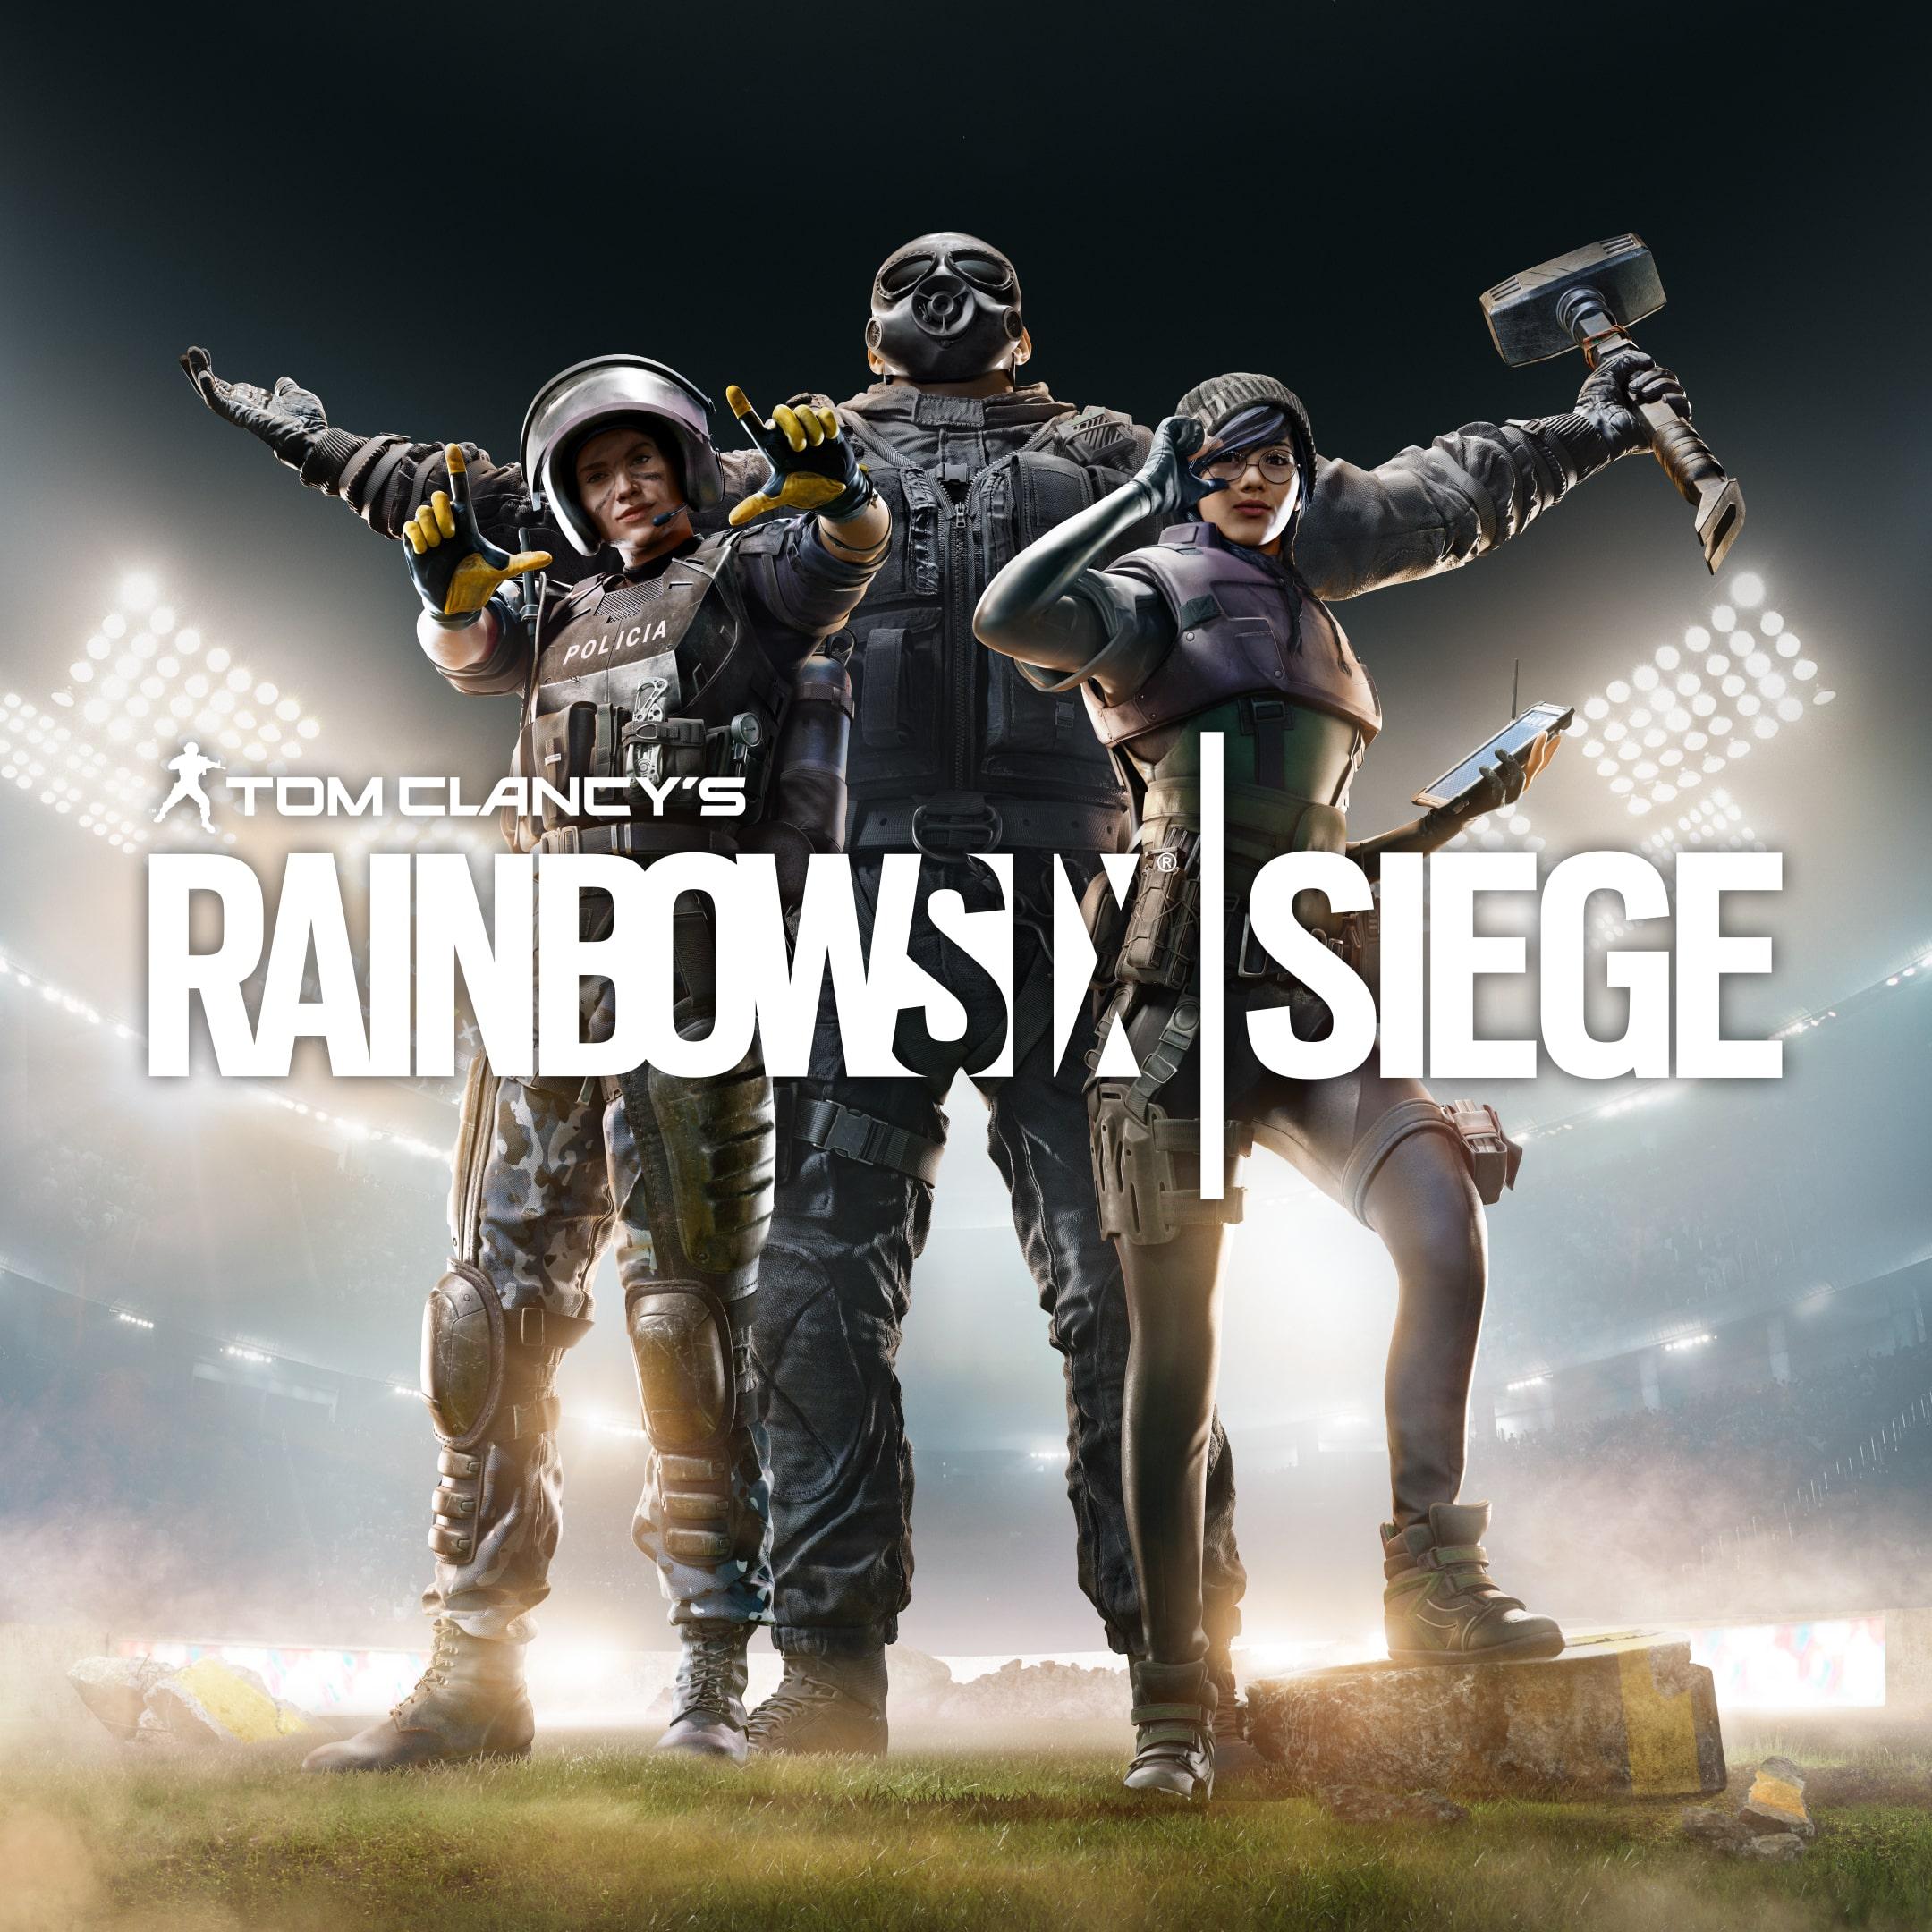 WM_GMA_Tom Clancy's Rainbow Six Siege Add-ons